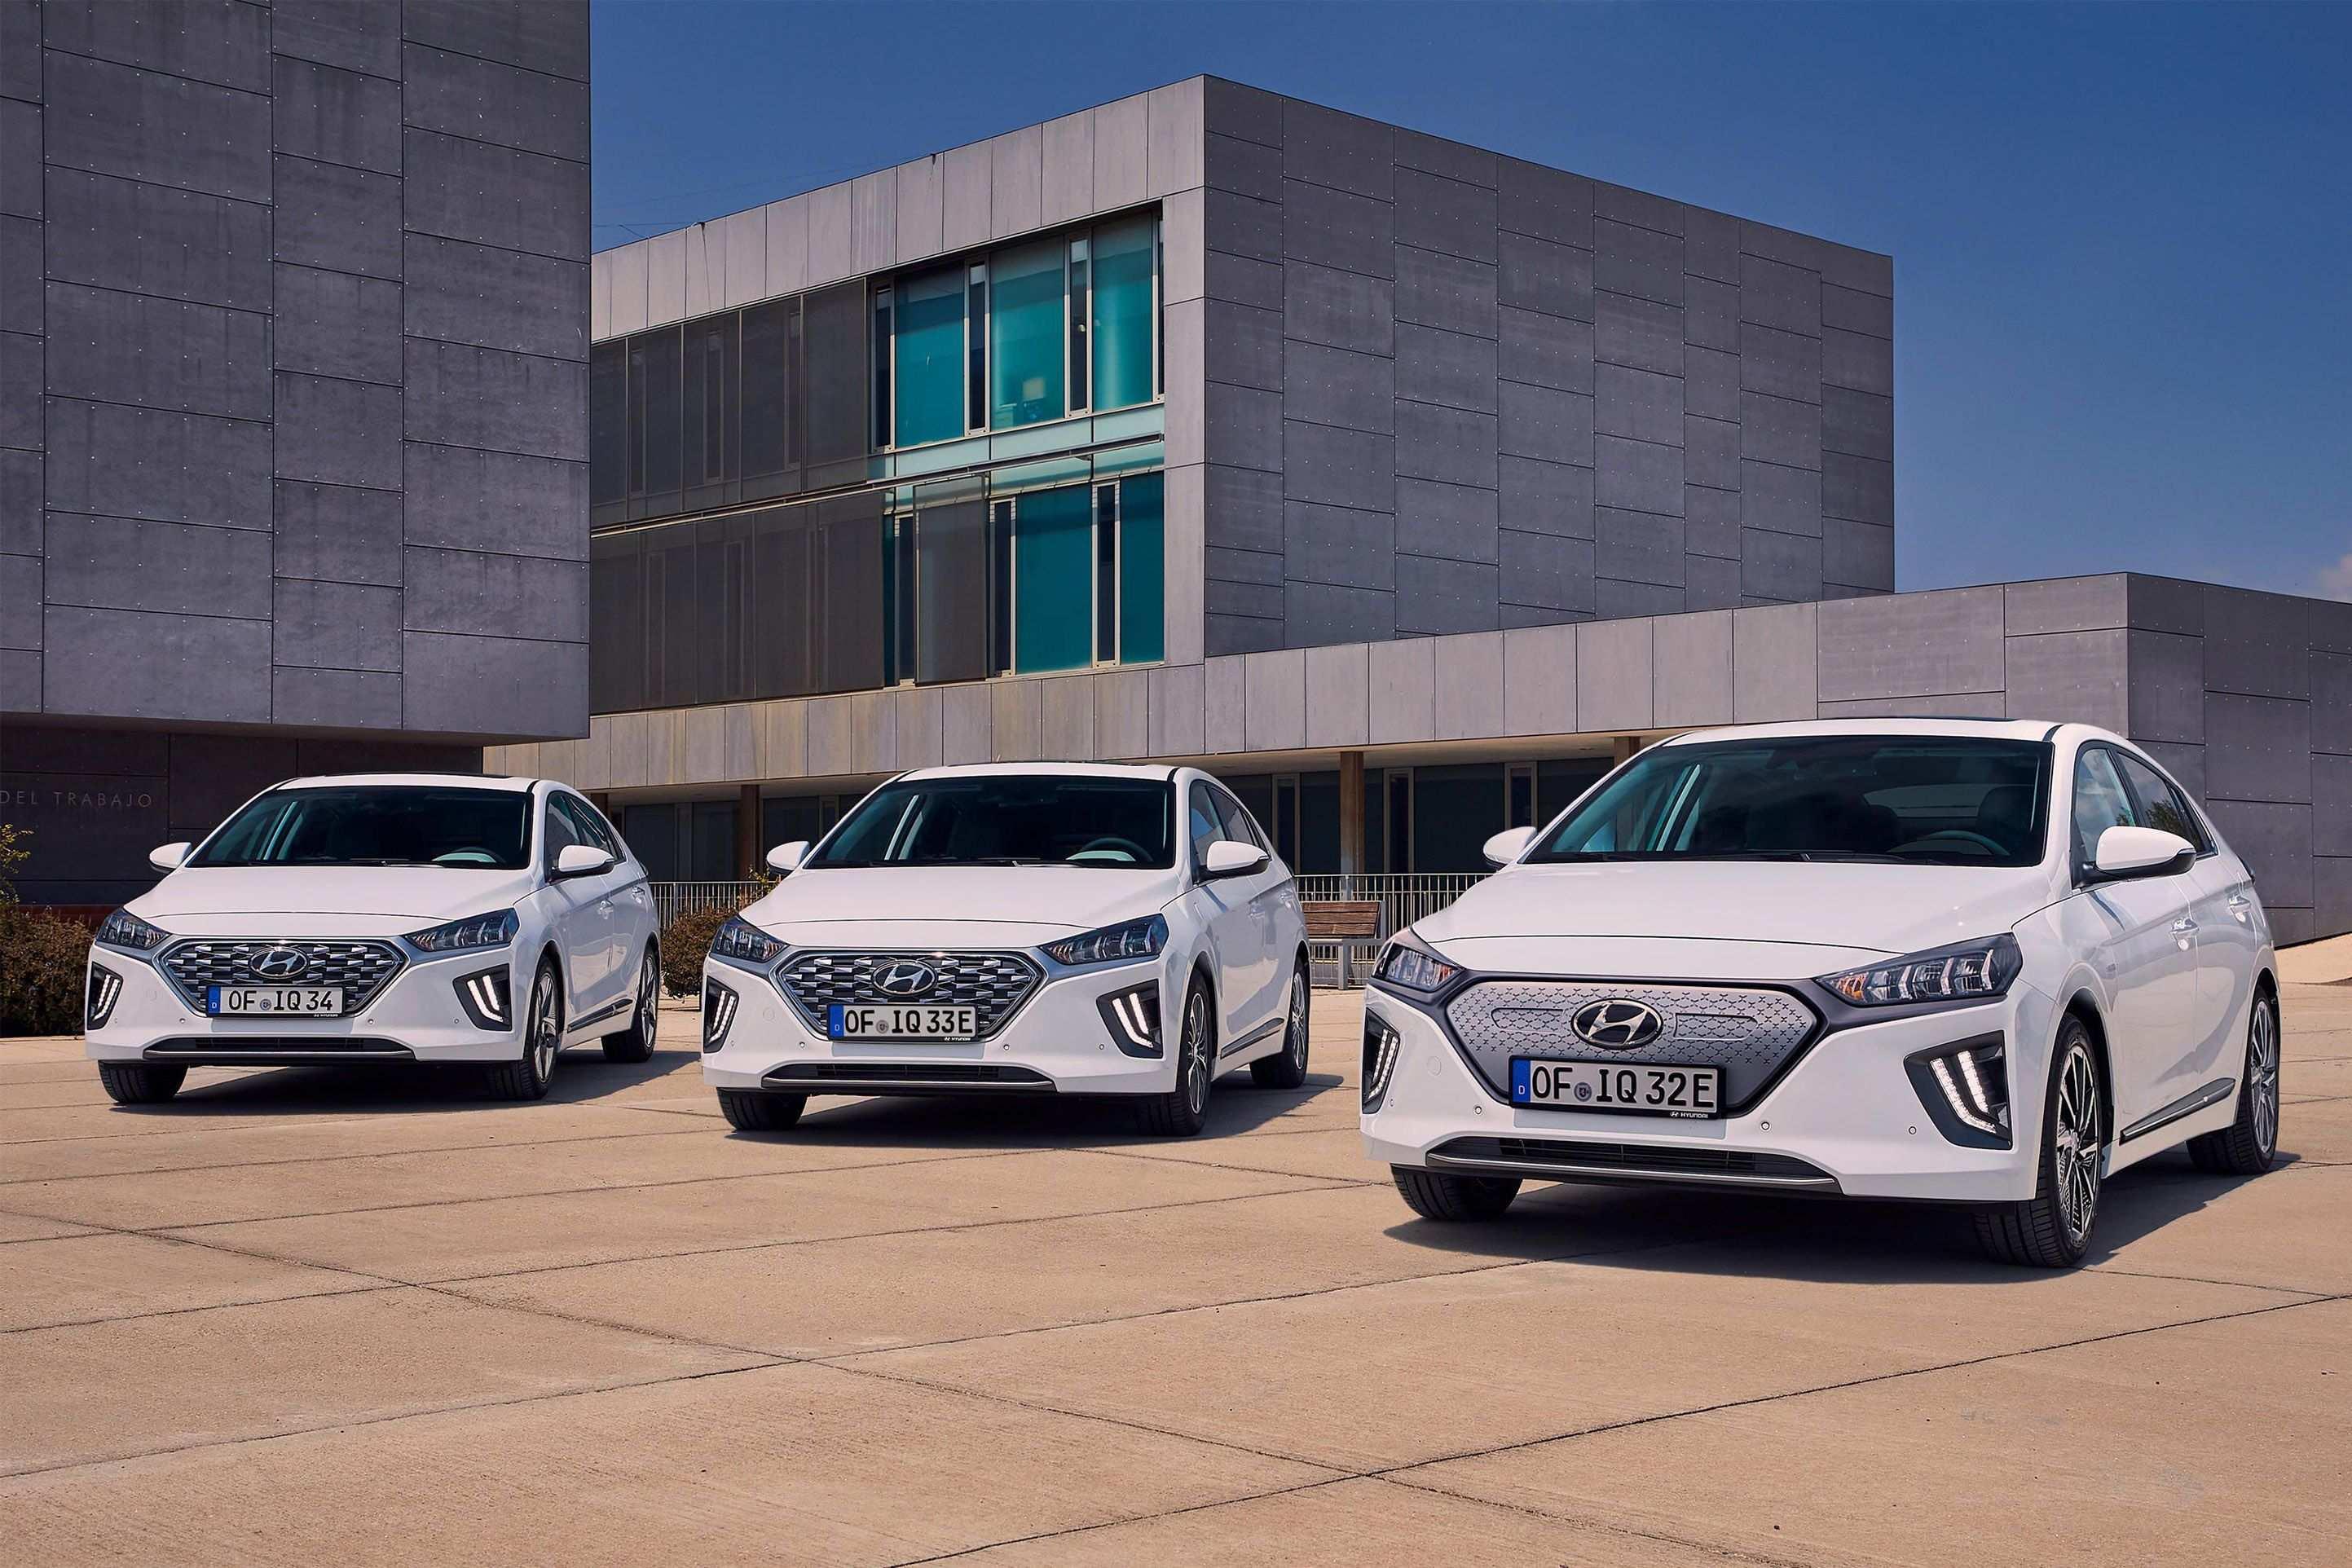 14 Great Hyundai Lineup 2020 Spy Shoot by Hyundai Lineup 2020